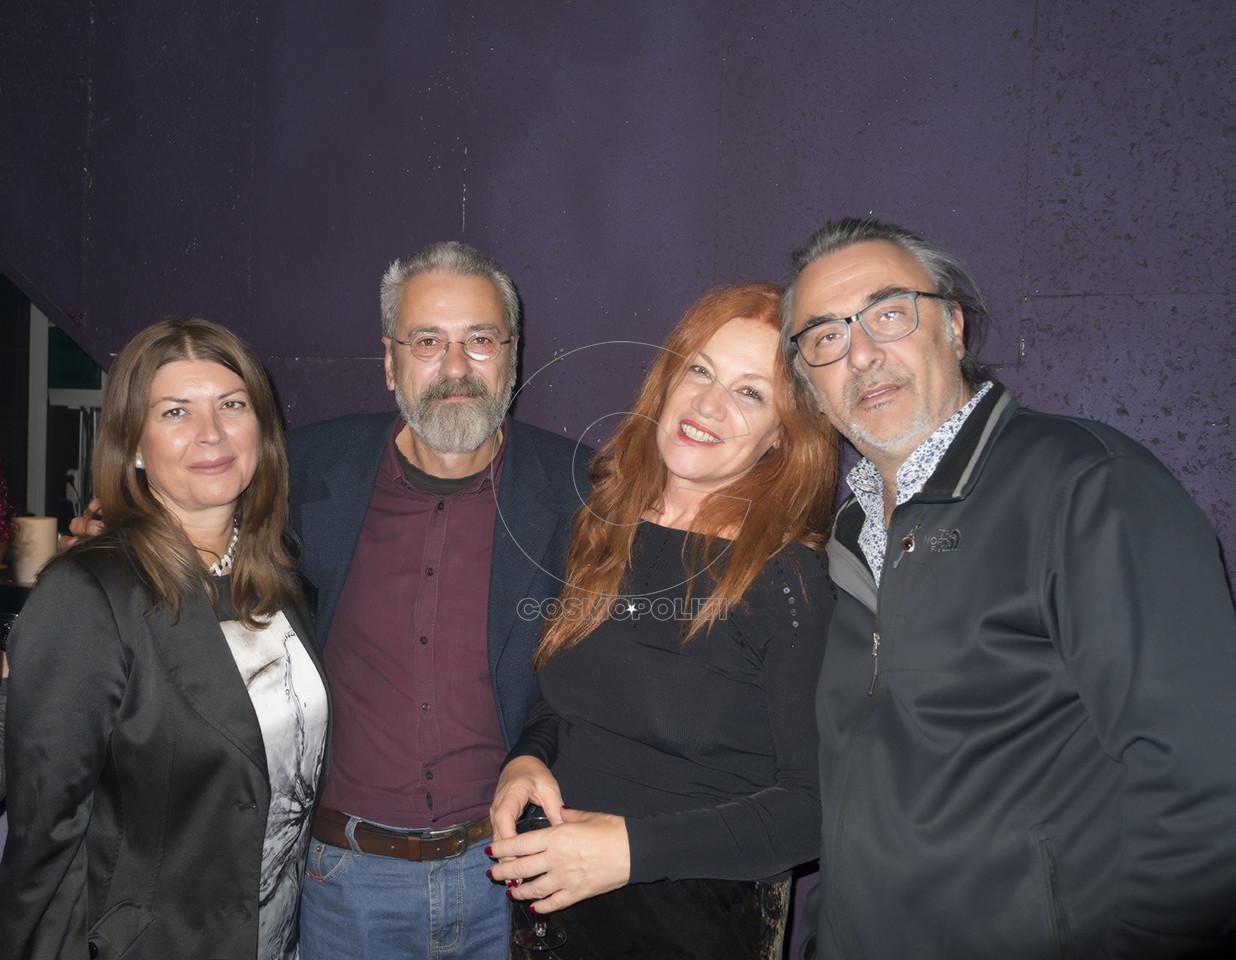 TI MEKYTAS ETSI PREMIERE PLUS BY VANGELIS RASSIAS_40-C